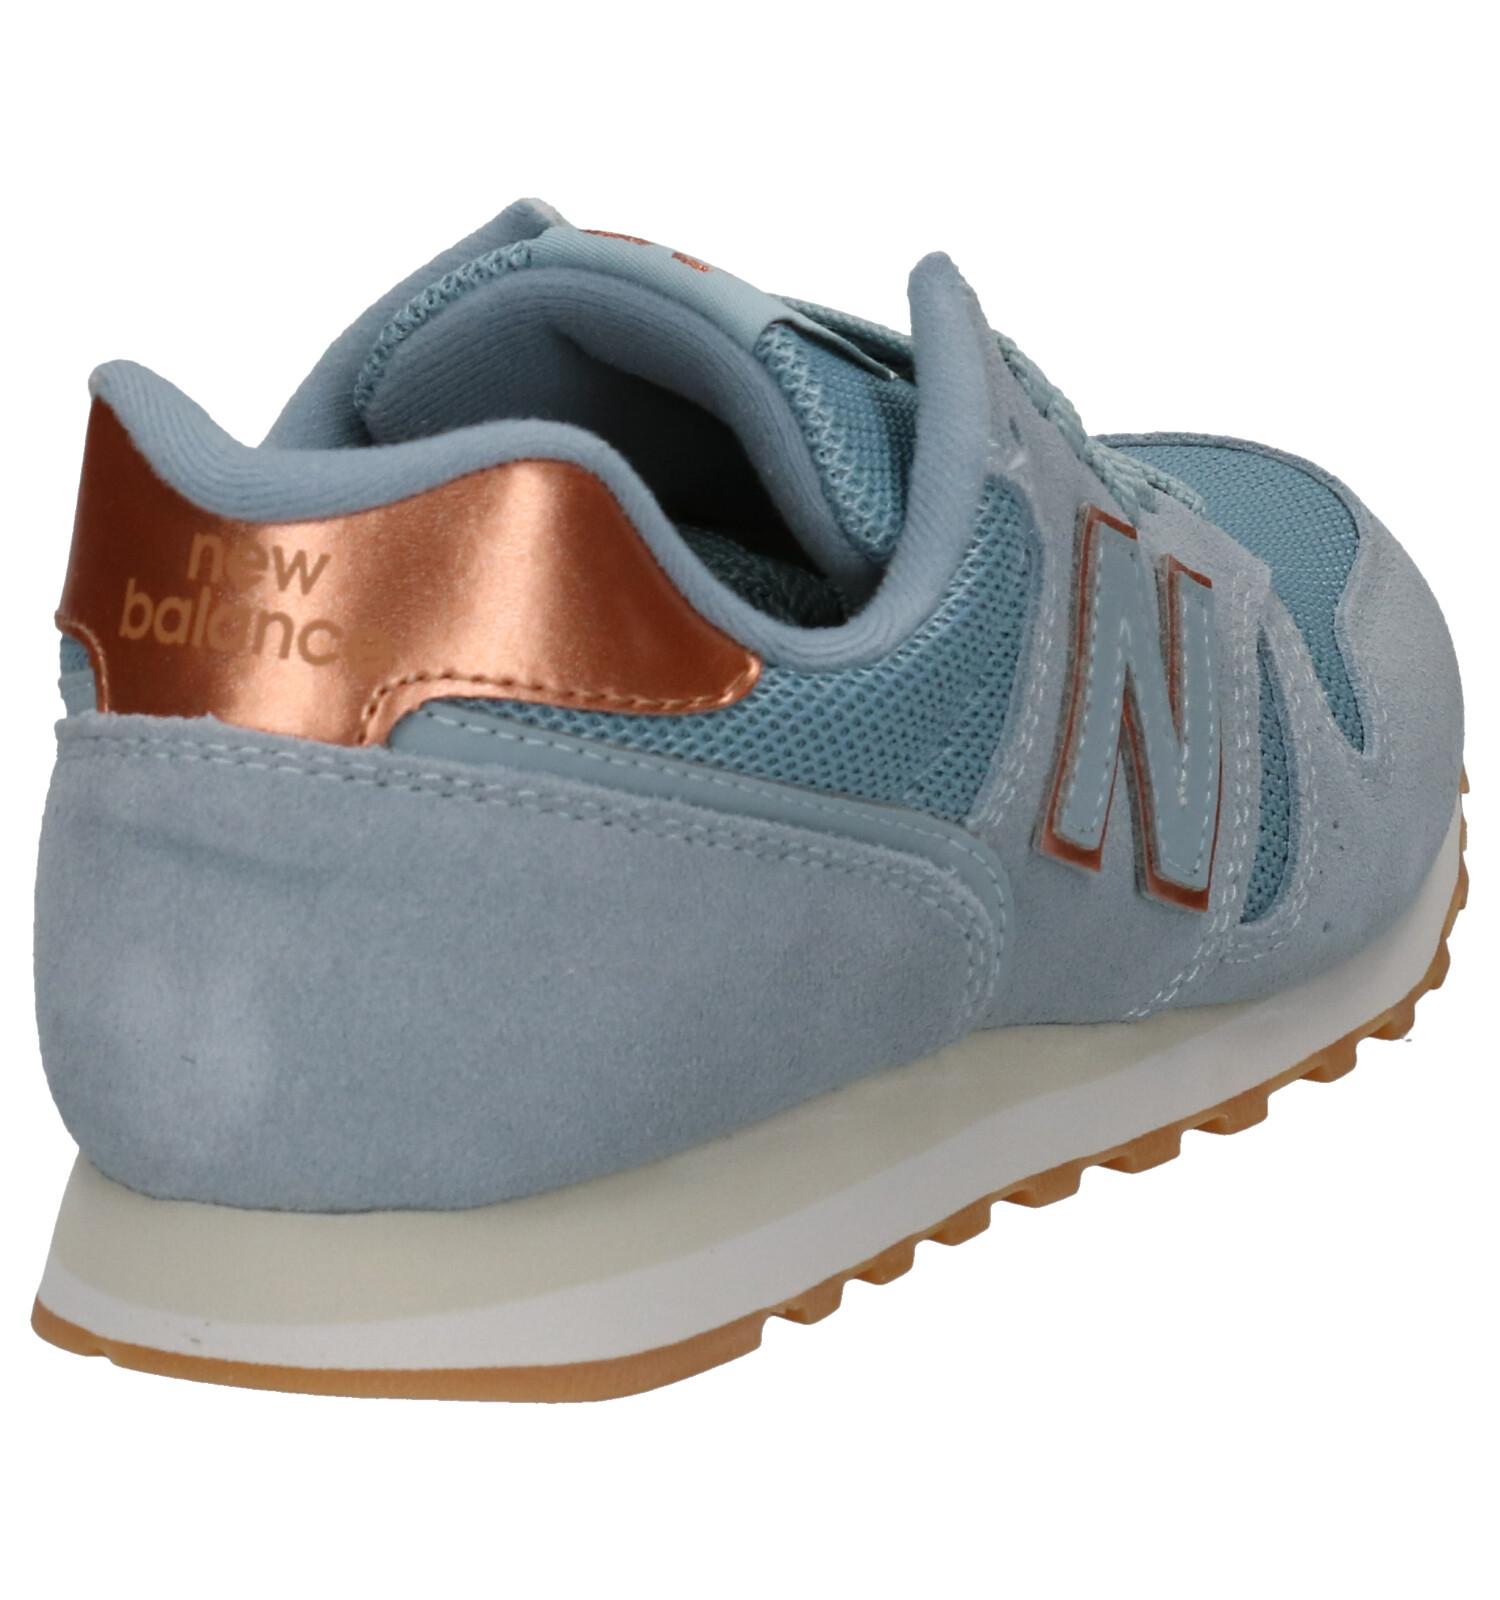 New Balance WL 373 Blauwe Sneakers | TORFS.BE | Gratis ...